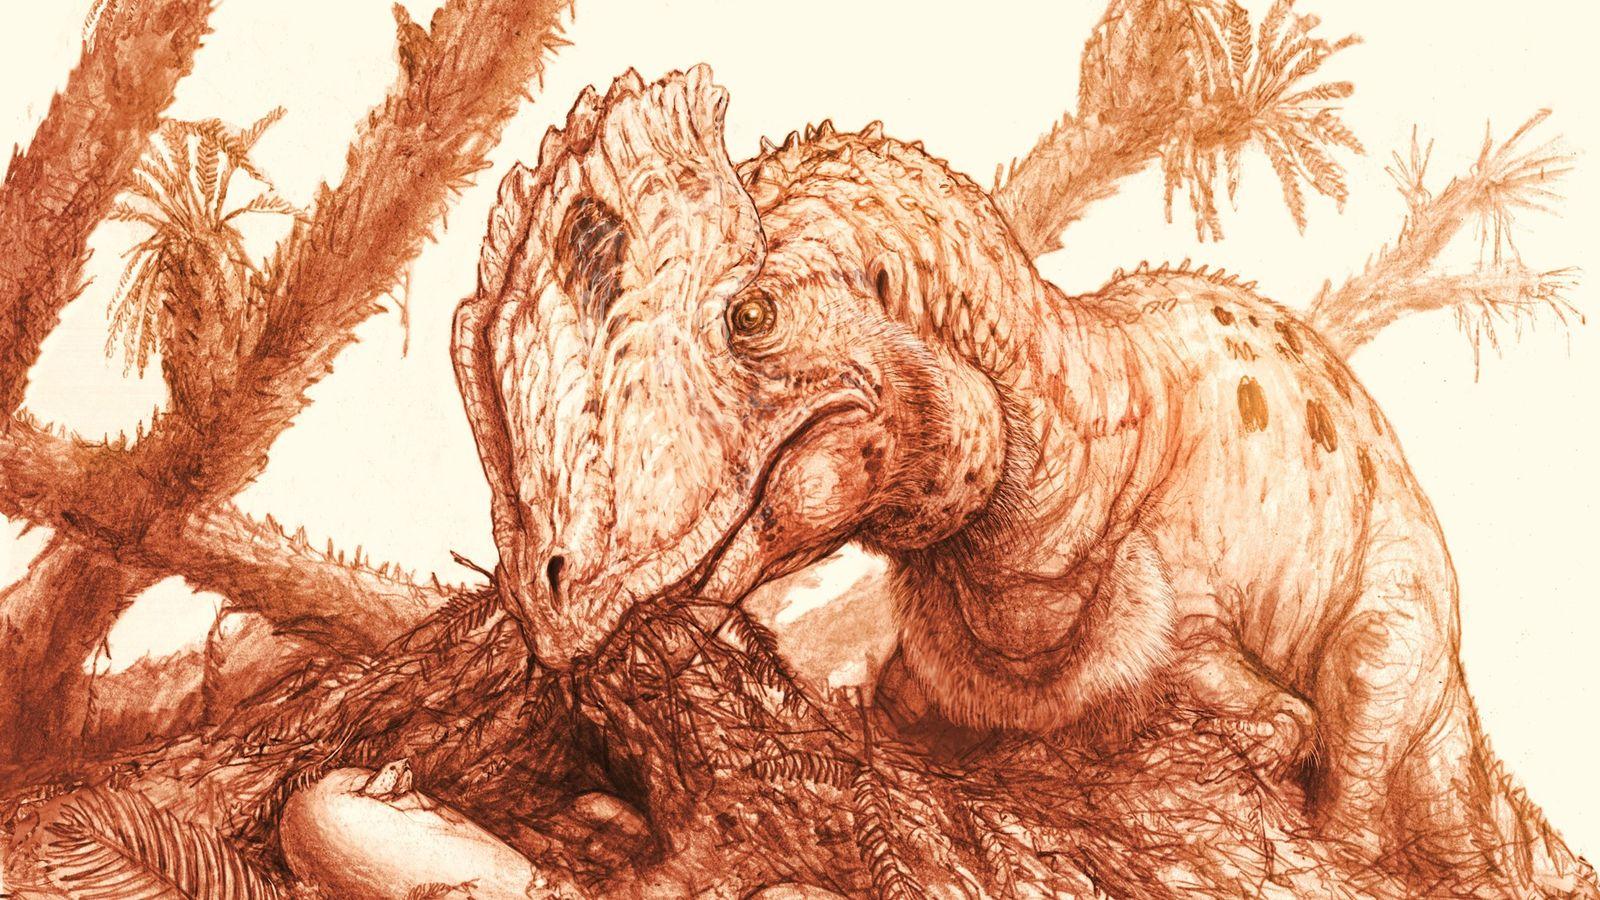 Uma reconstrução mostra umDilophosaurus wetherilliadulto cuidando de um ninho com ovos.